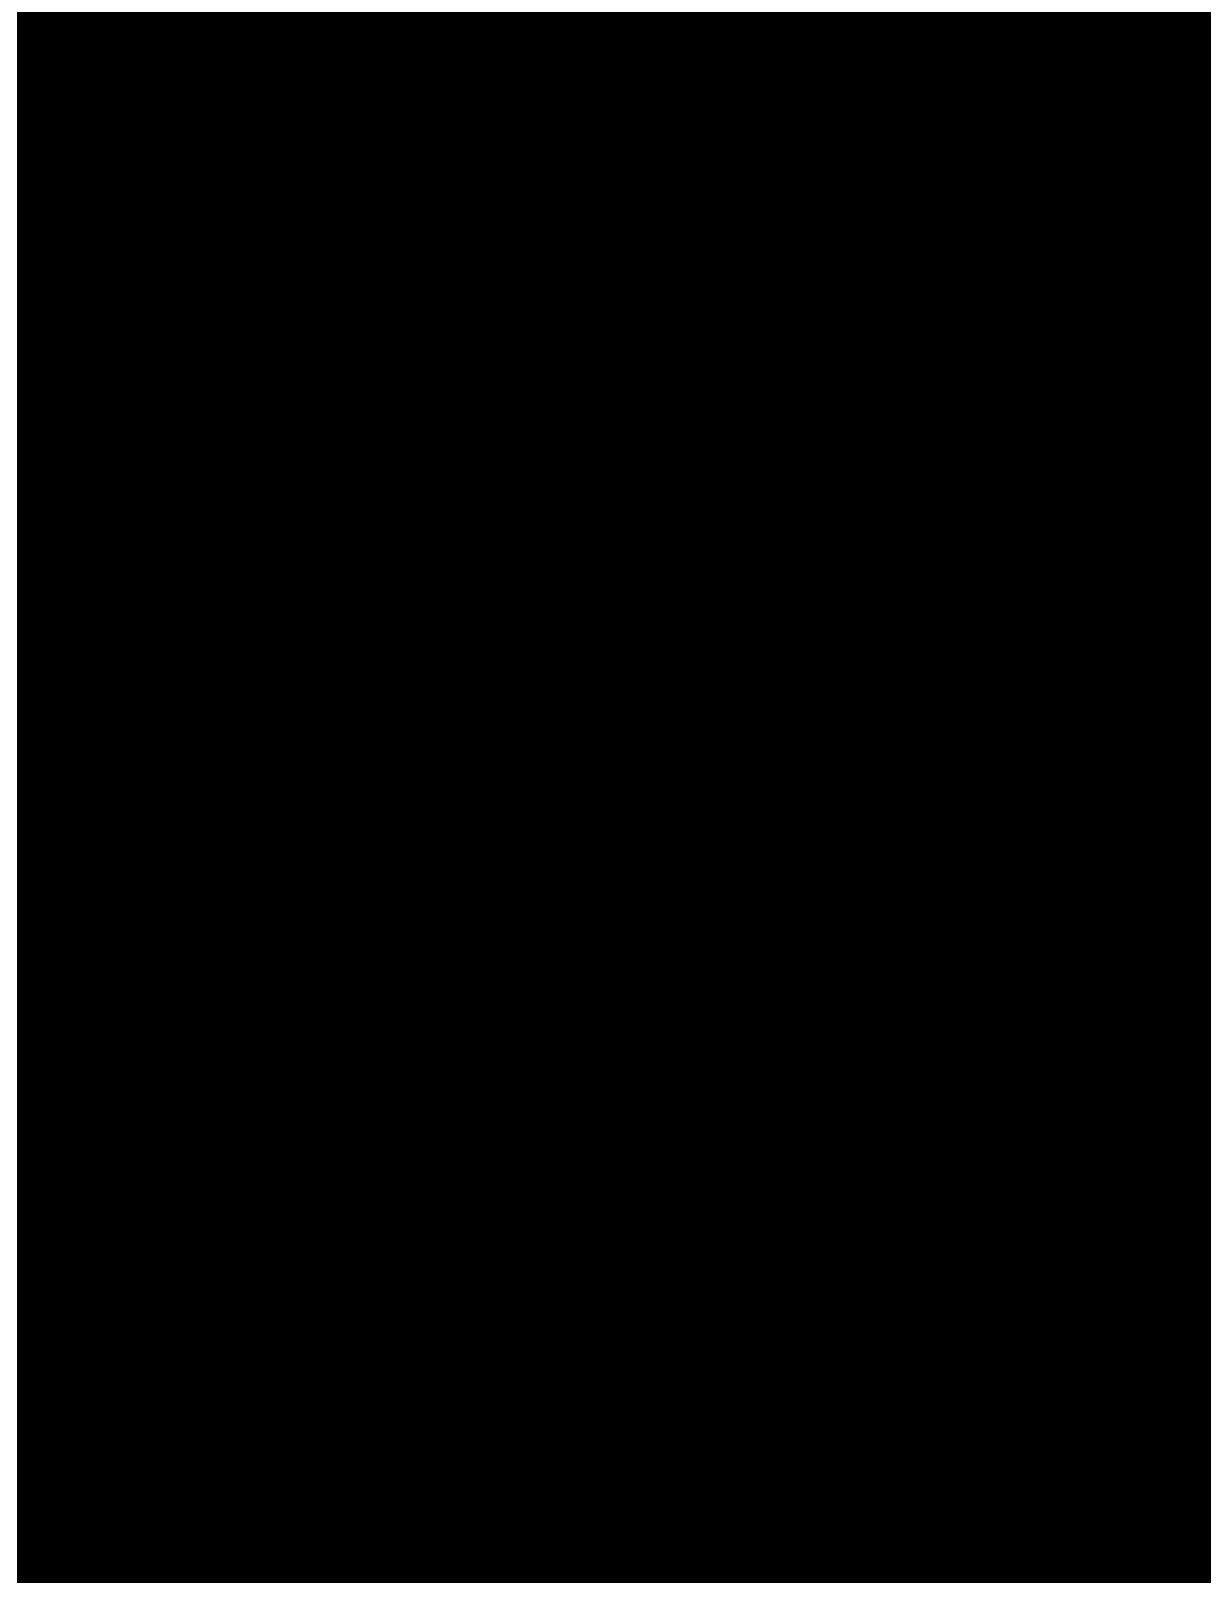 DigiSku